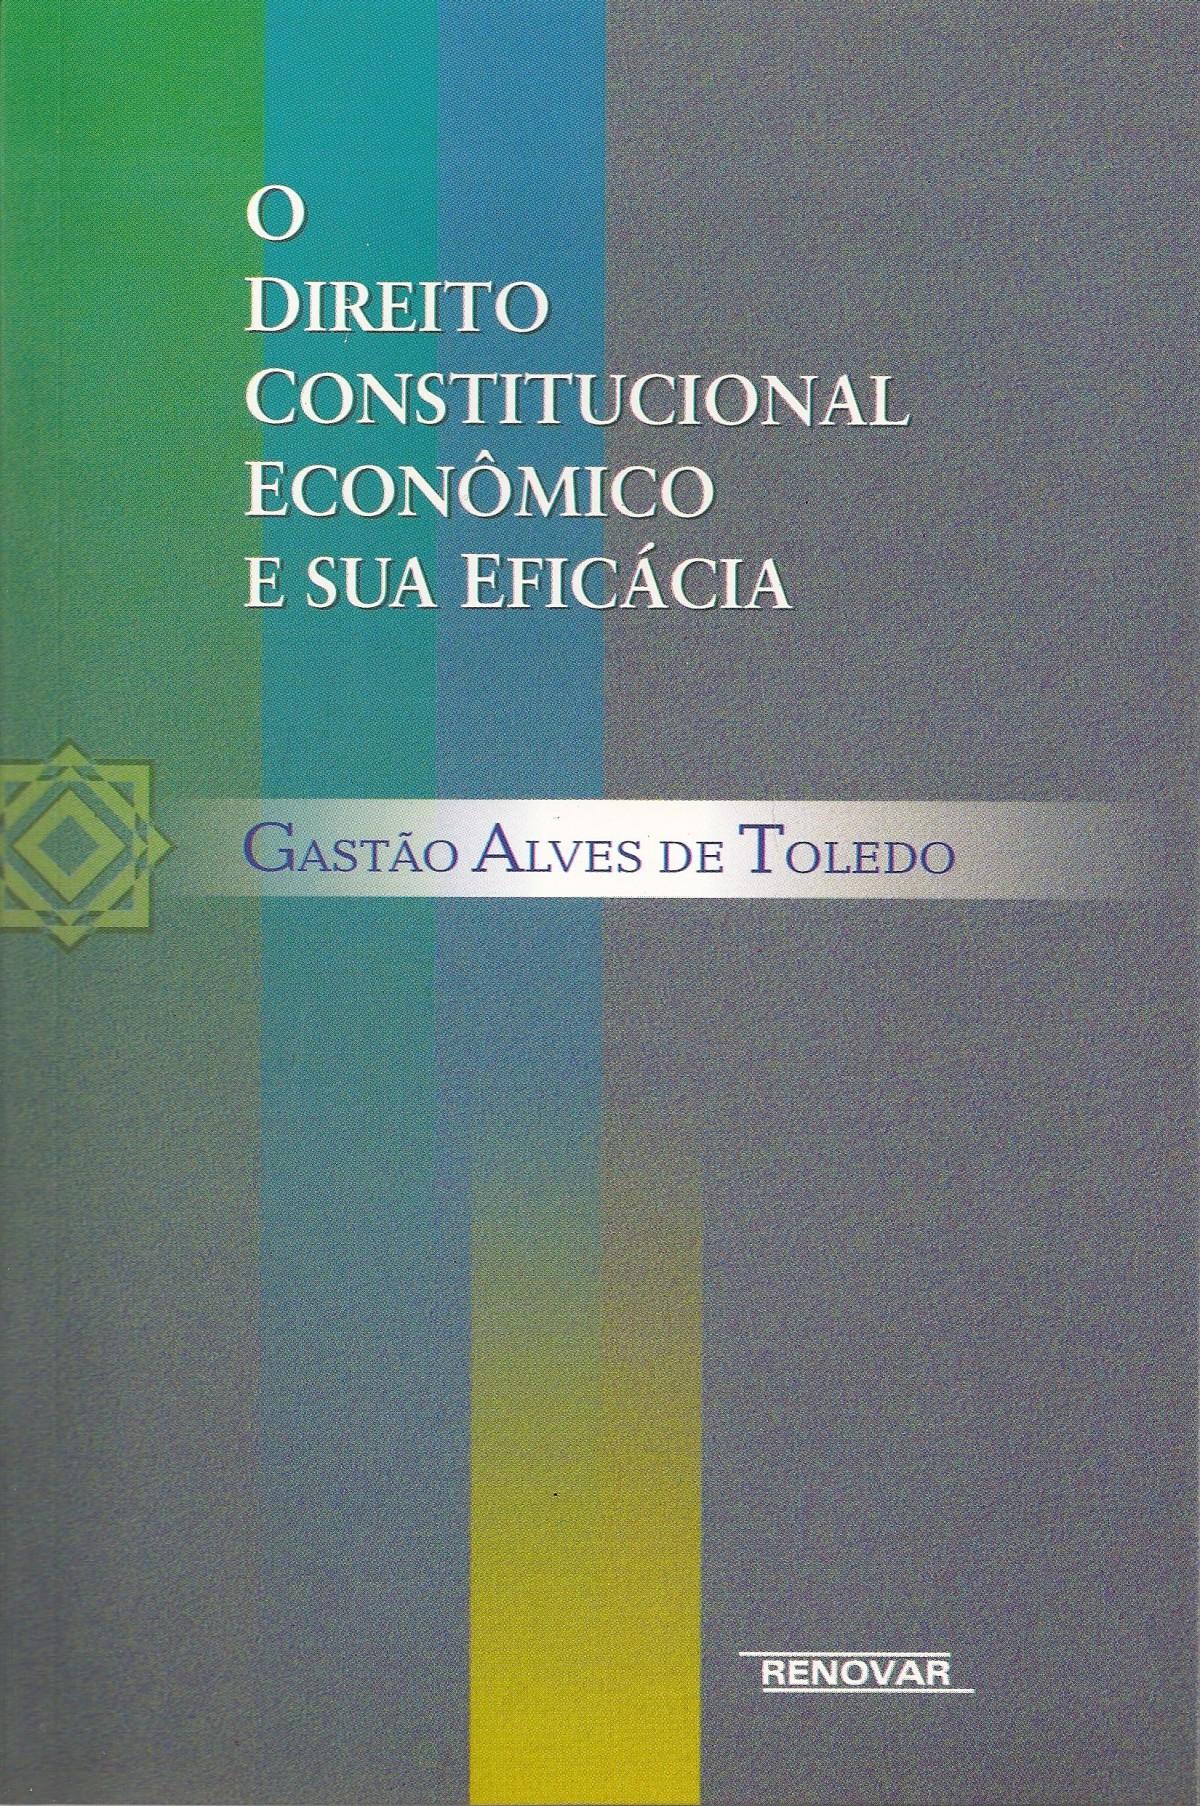 Foto 1 - O Direito Constitucional Econômico e sua Eficácia